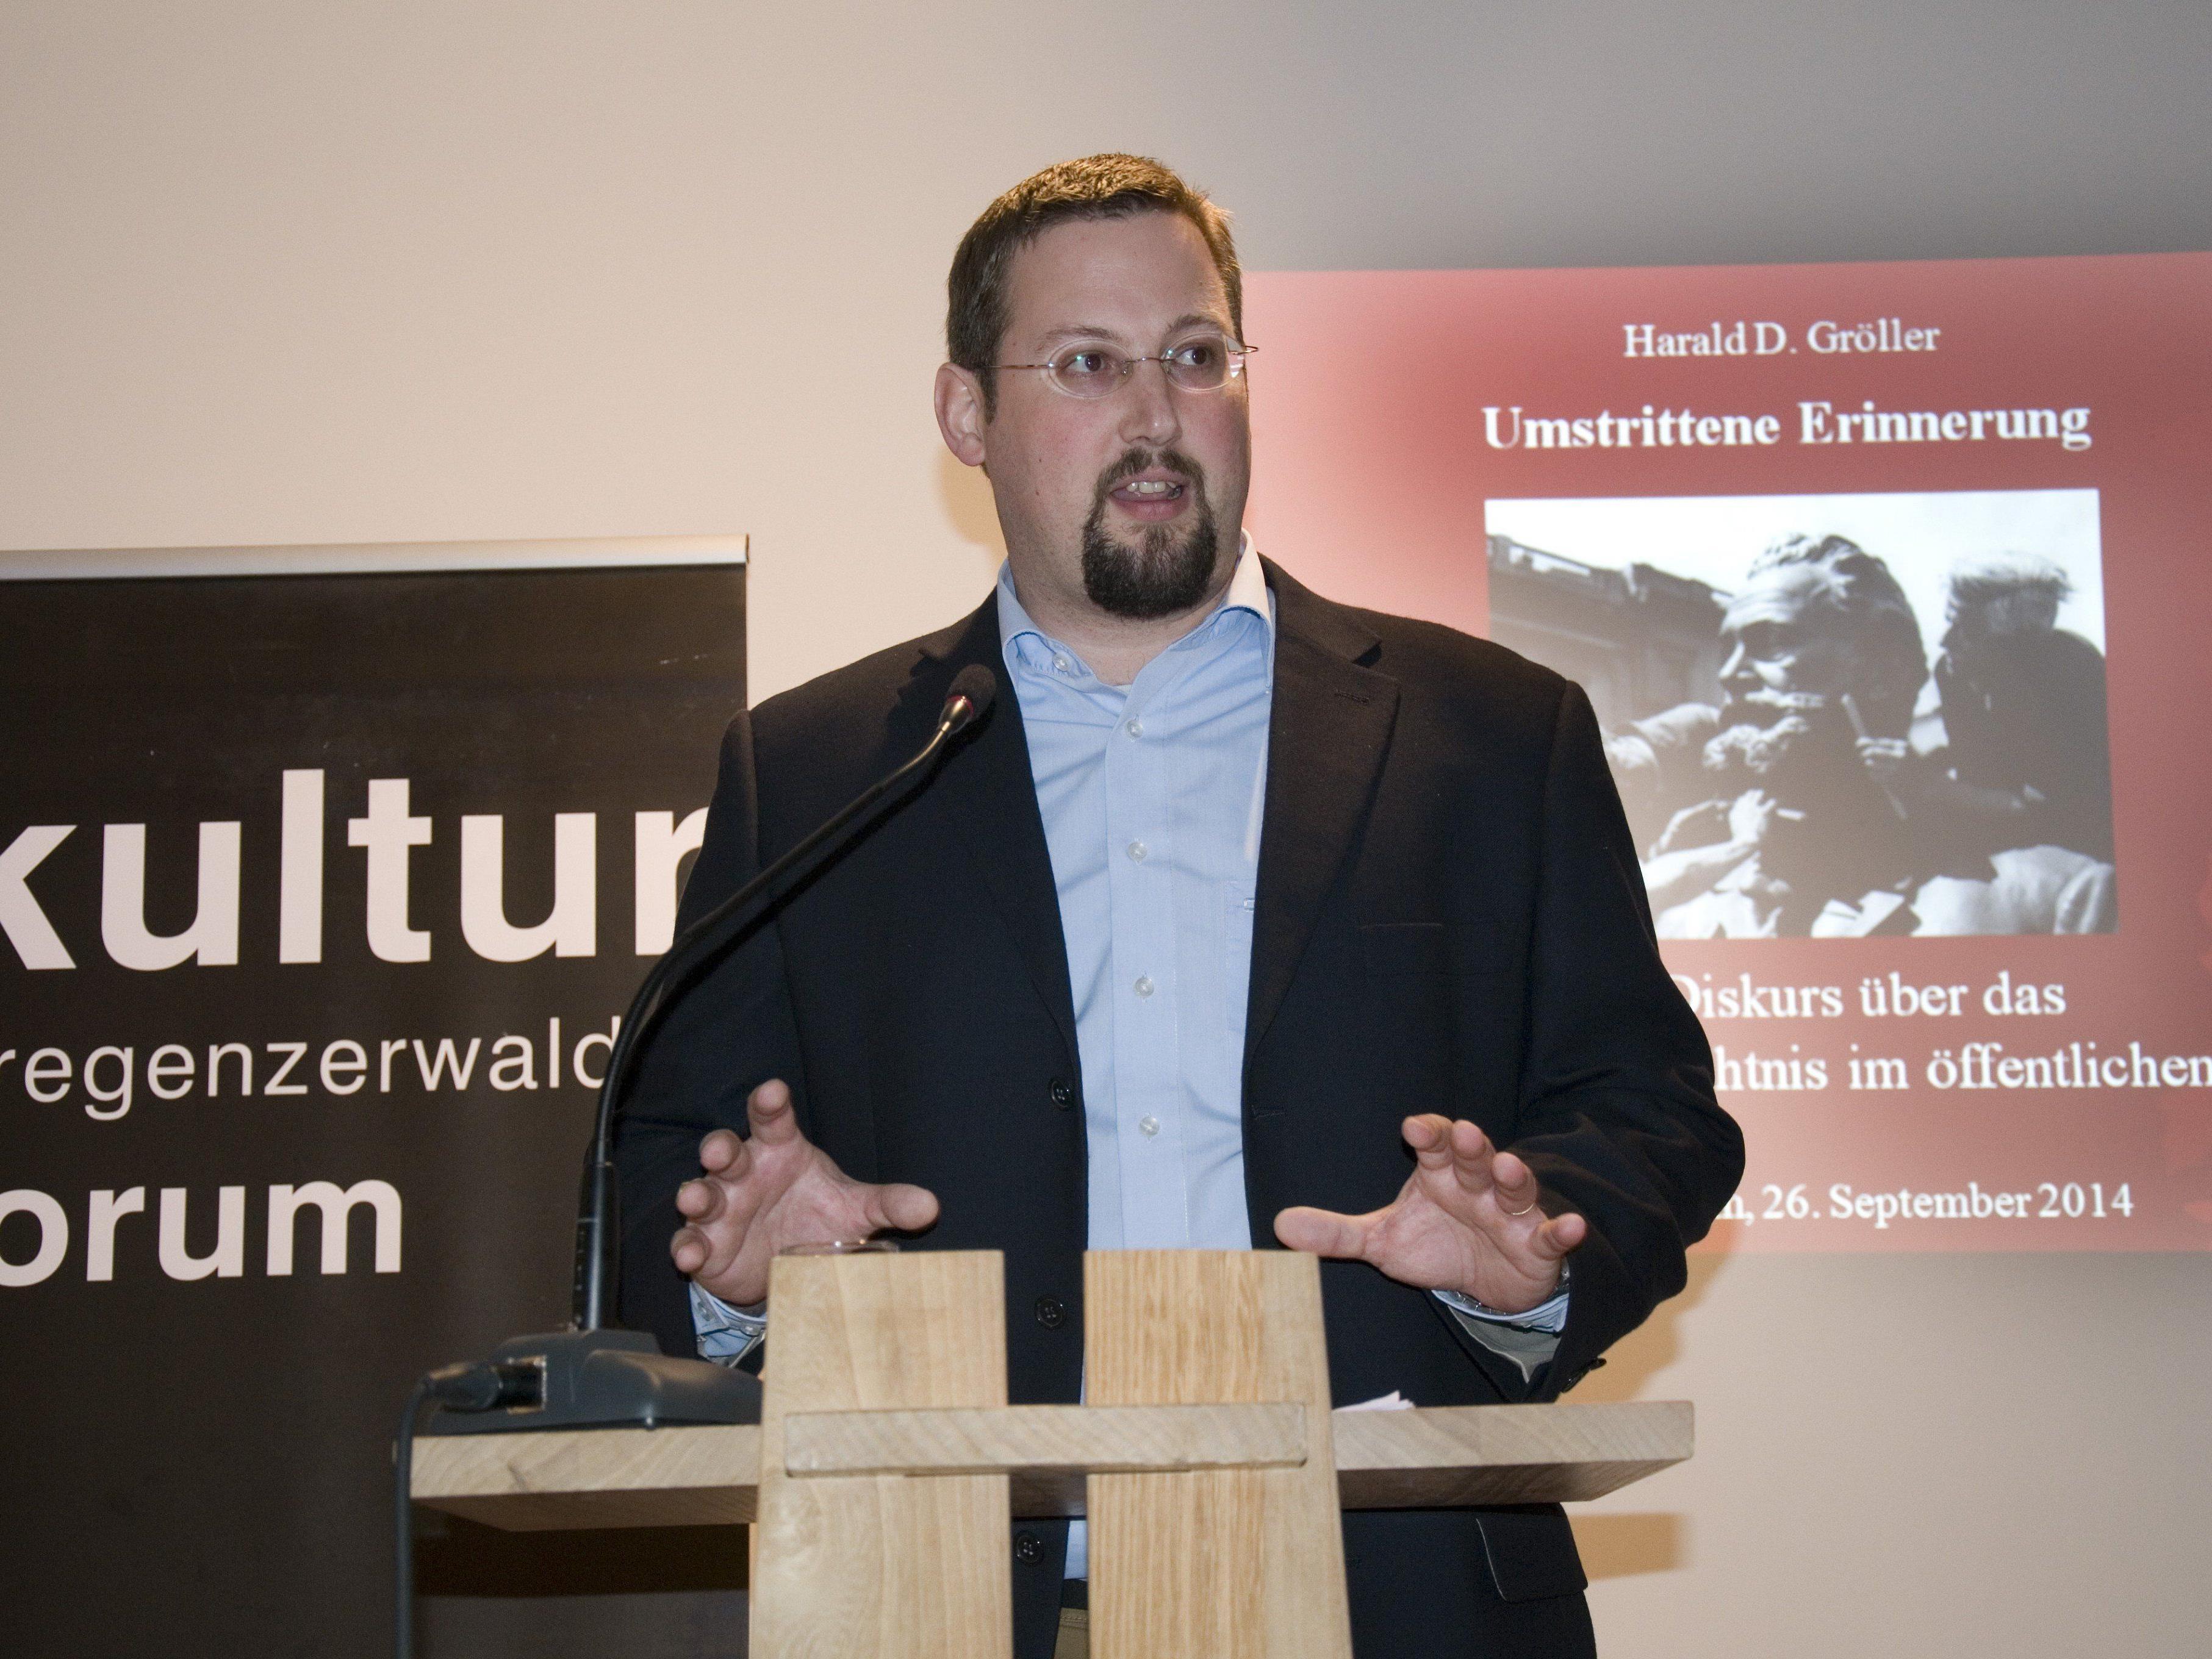 der Vortragende DDr. Harald D. Gröller